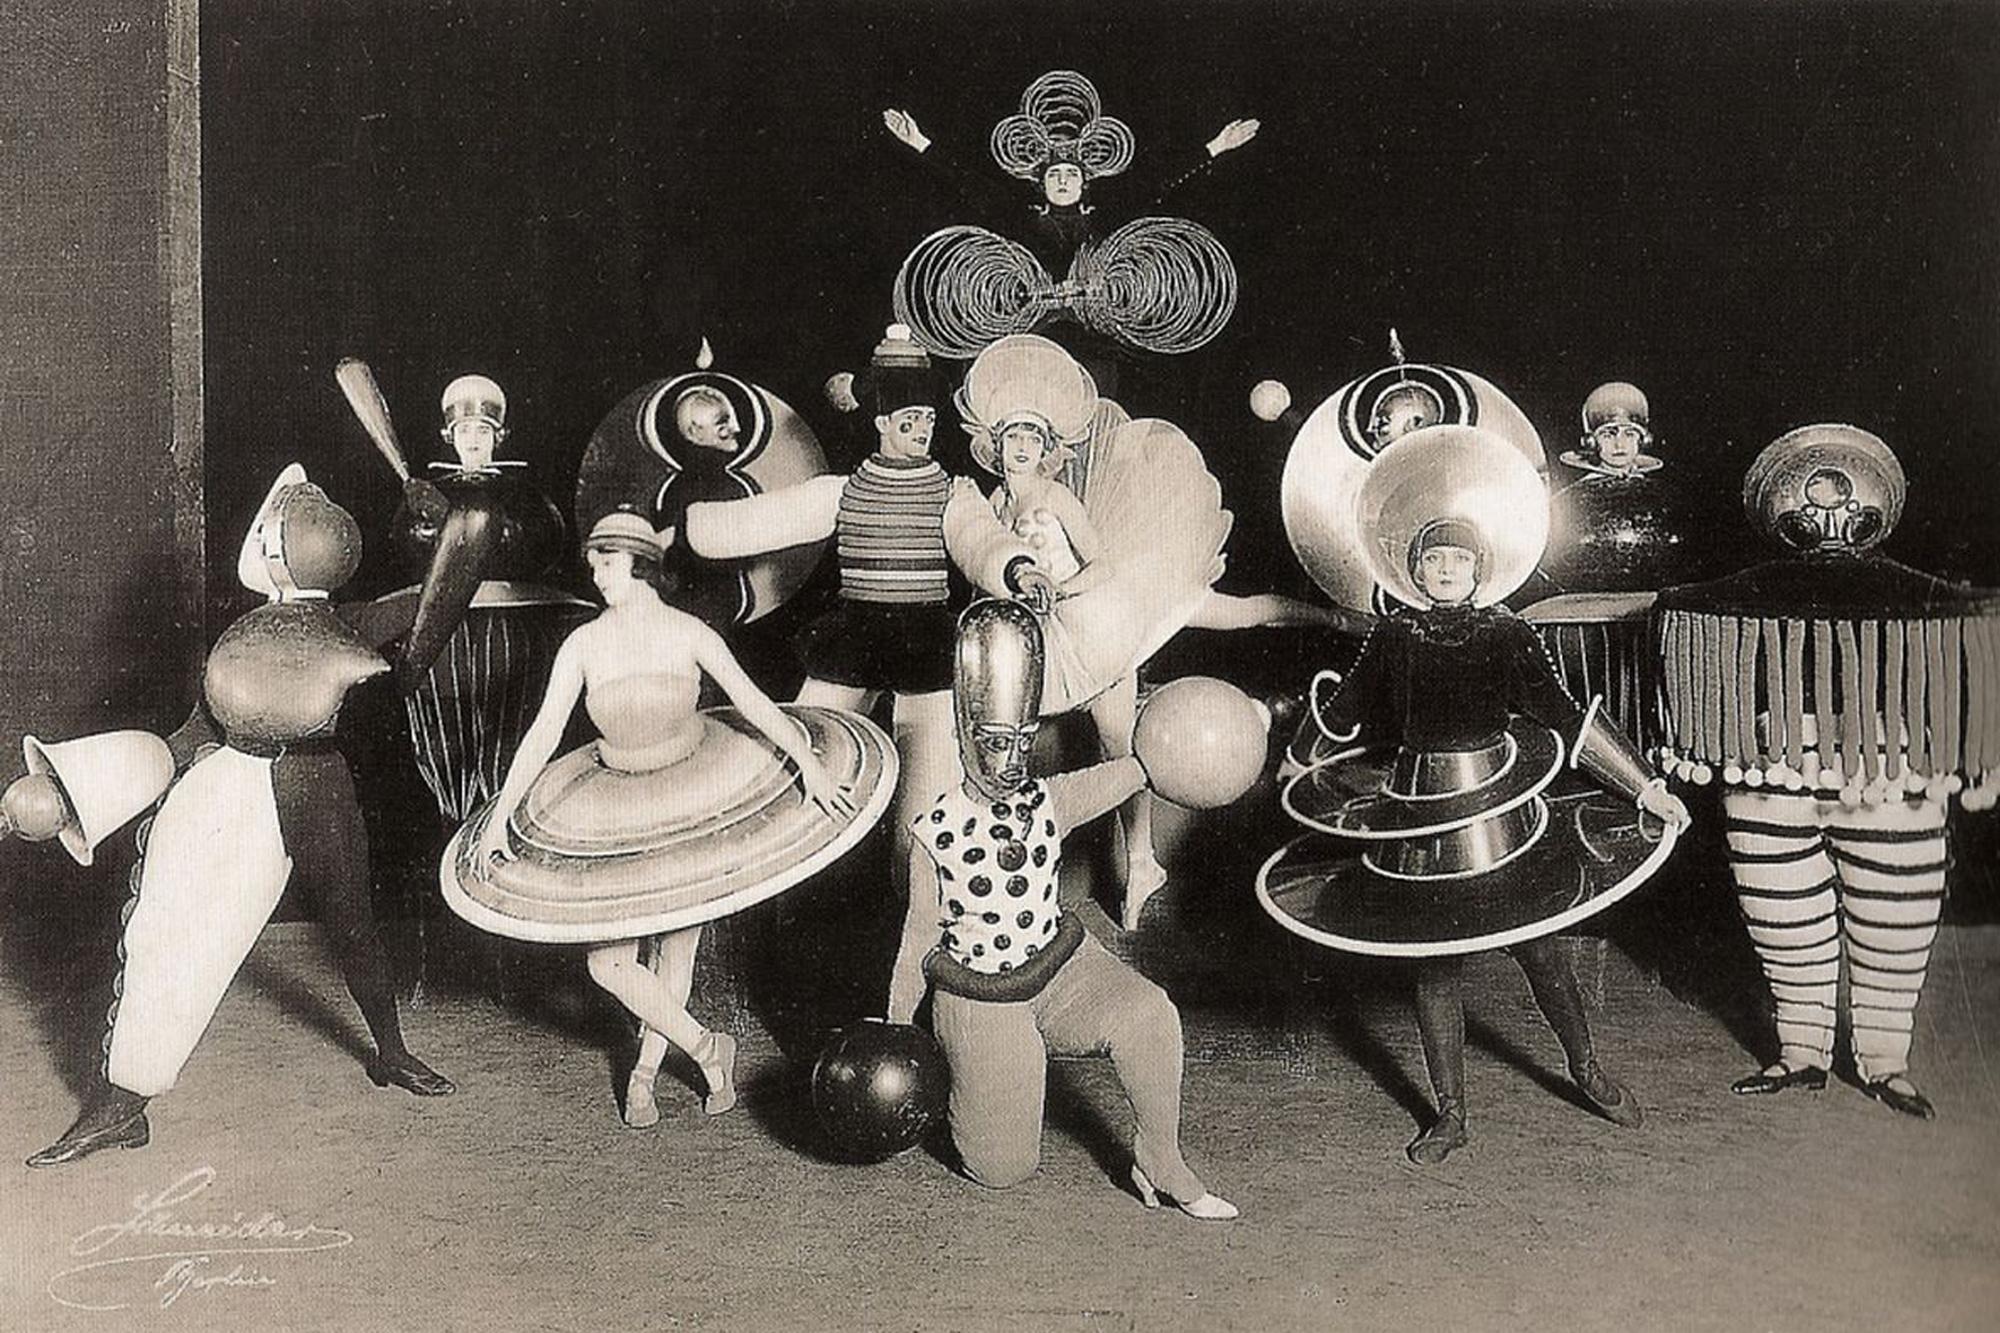 Bauhaus_Costume_01.jpg